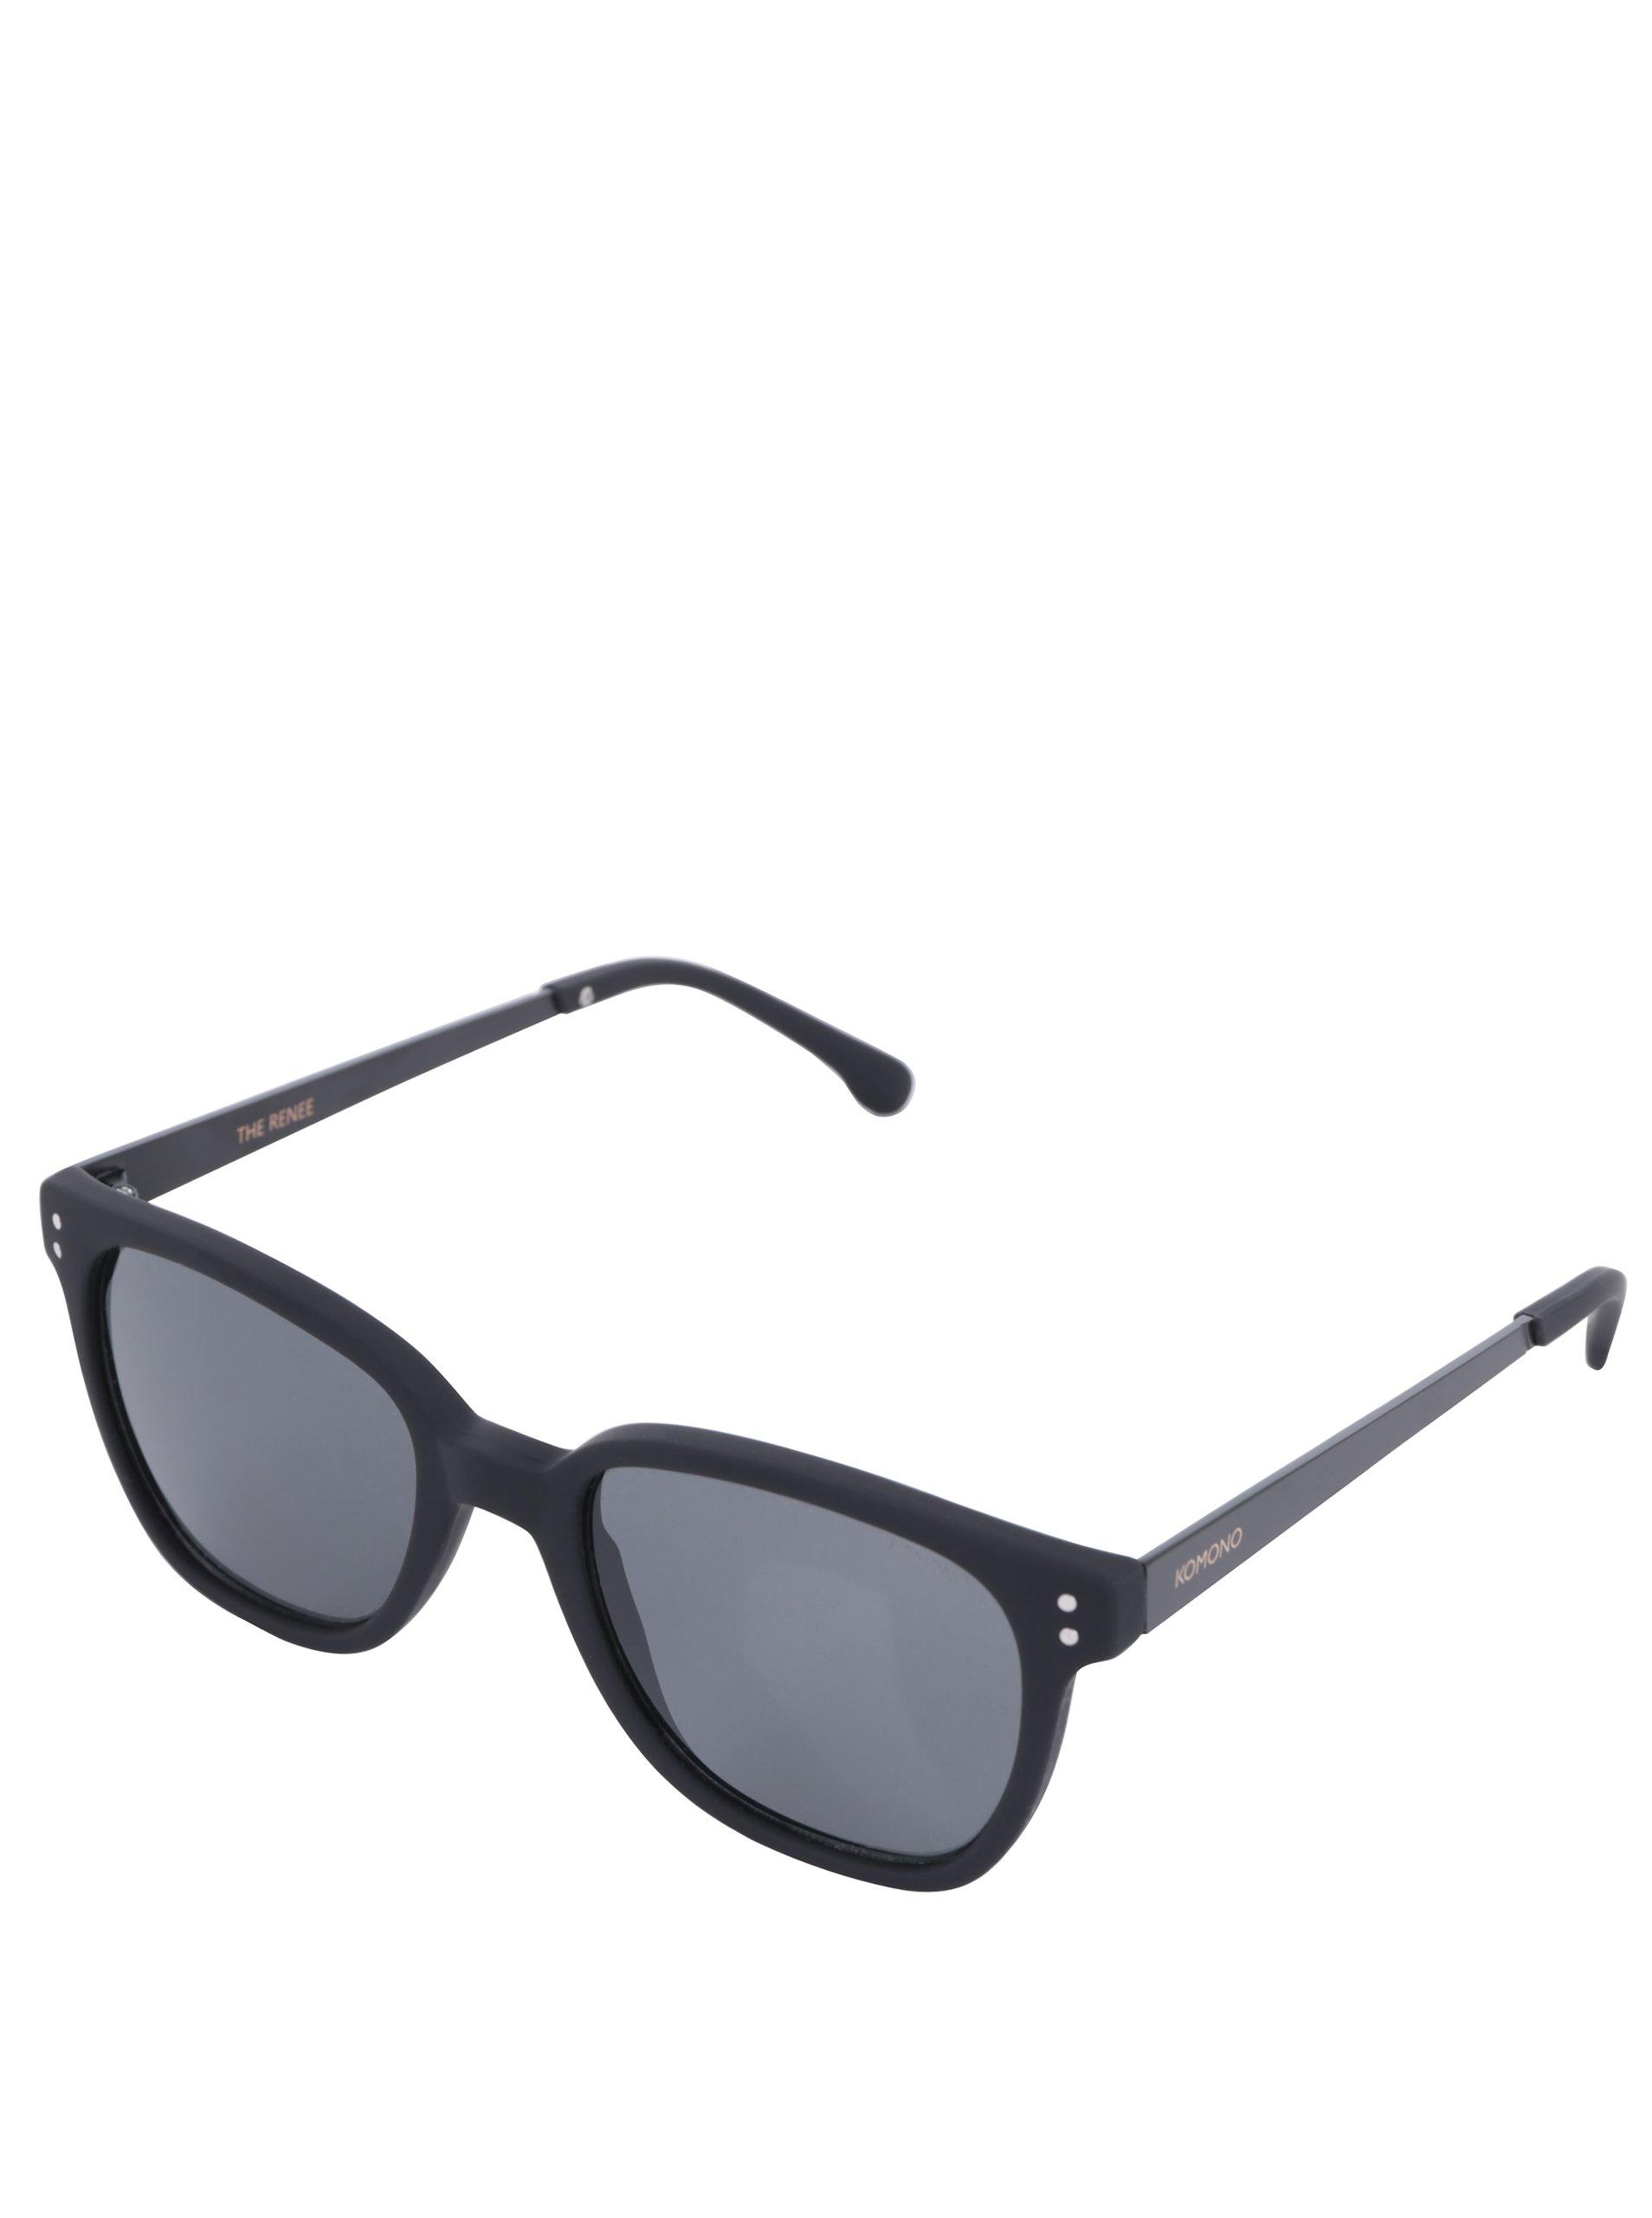 Černé pánské sluneční brýle Komono Renee